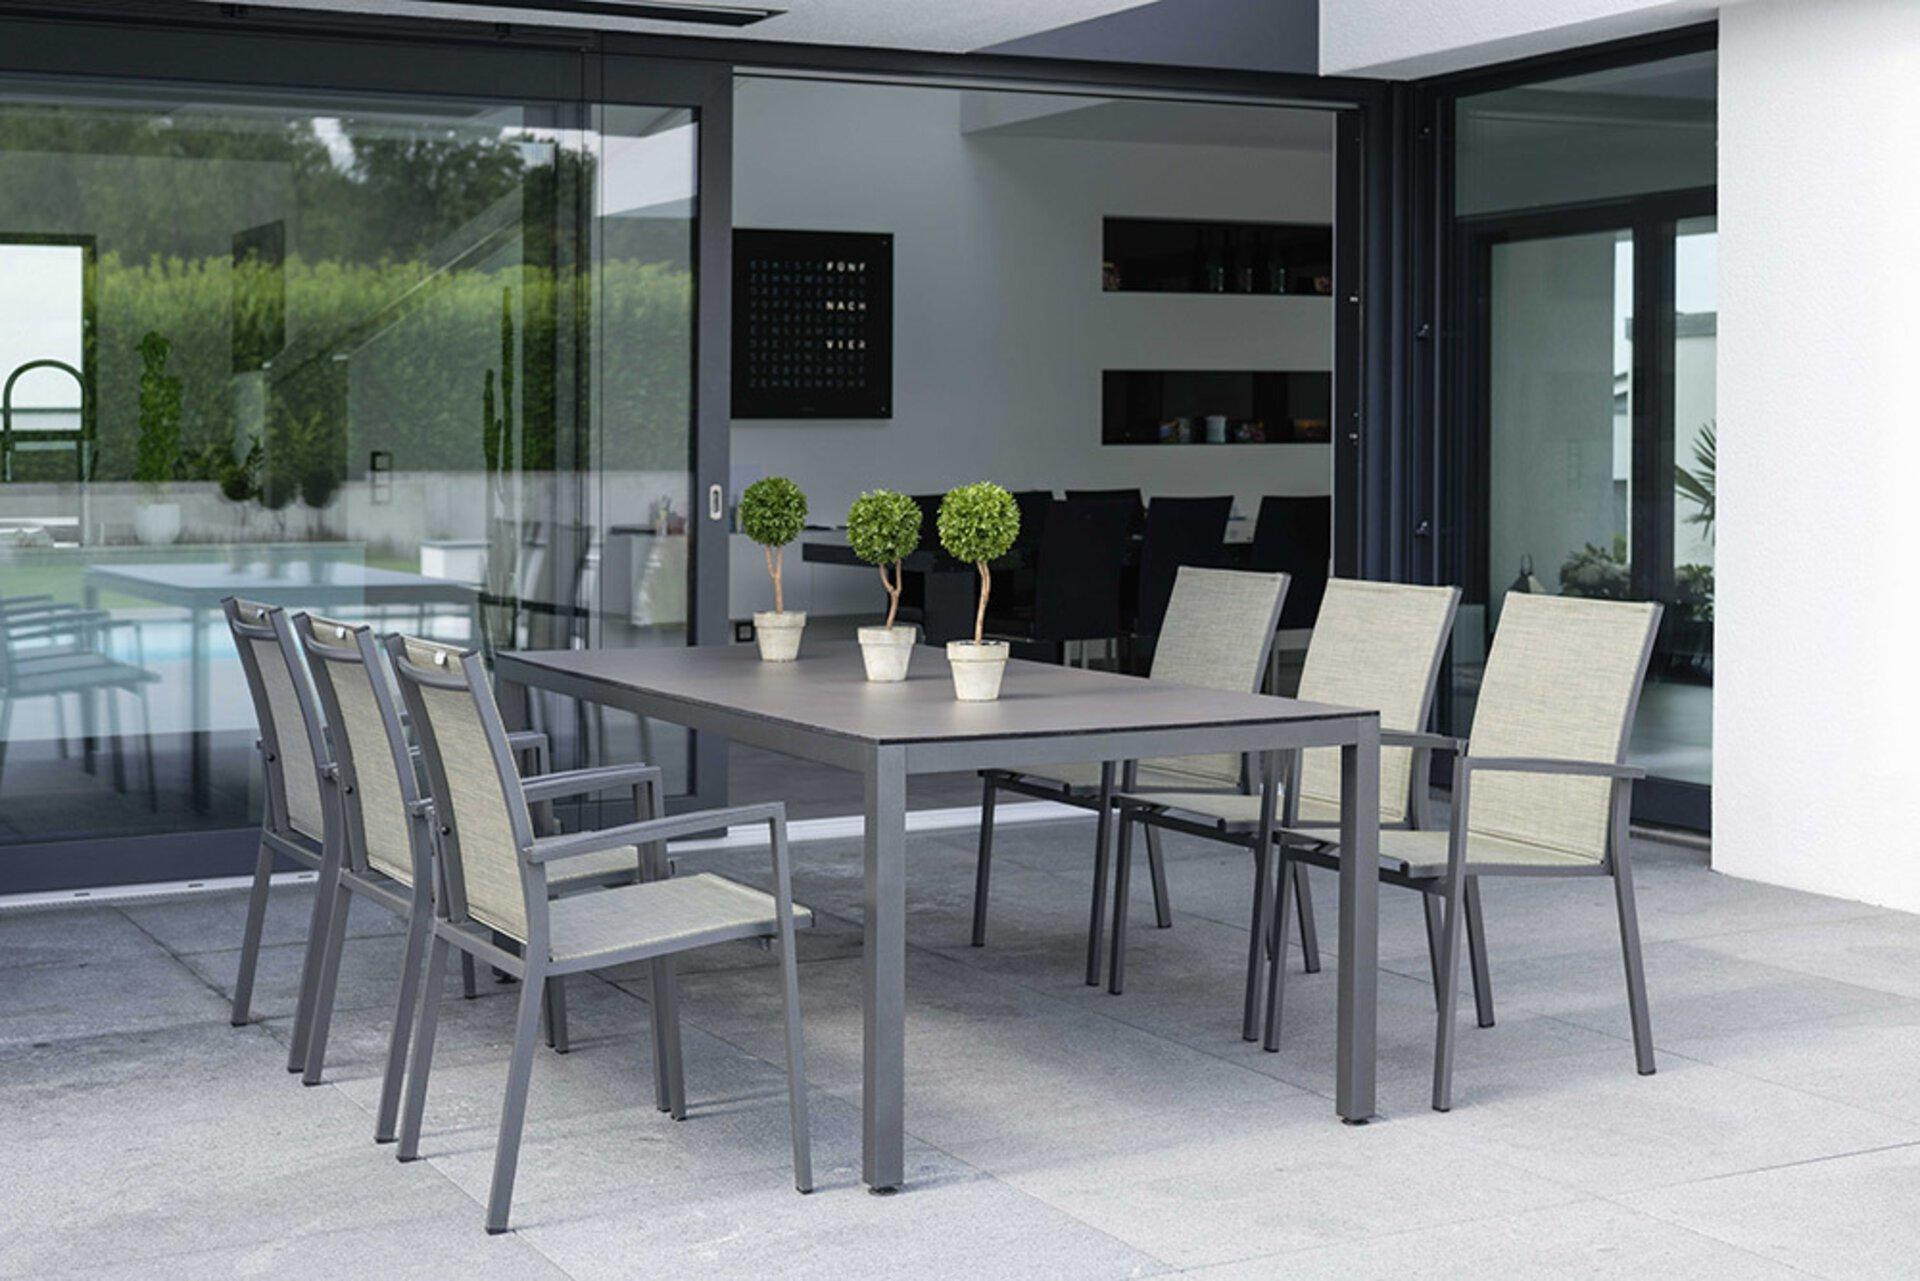 Stapelstuhl SILVERSTAR 2.0 Stern Garten- und Freizeitmöbel Textil grau 57 x 92 x 61 cm